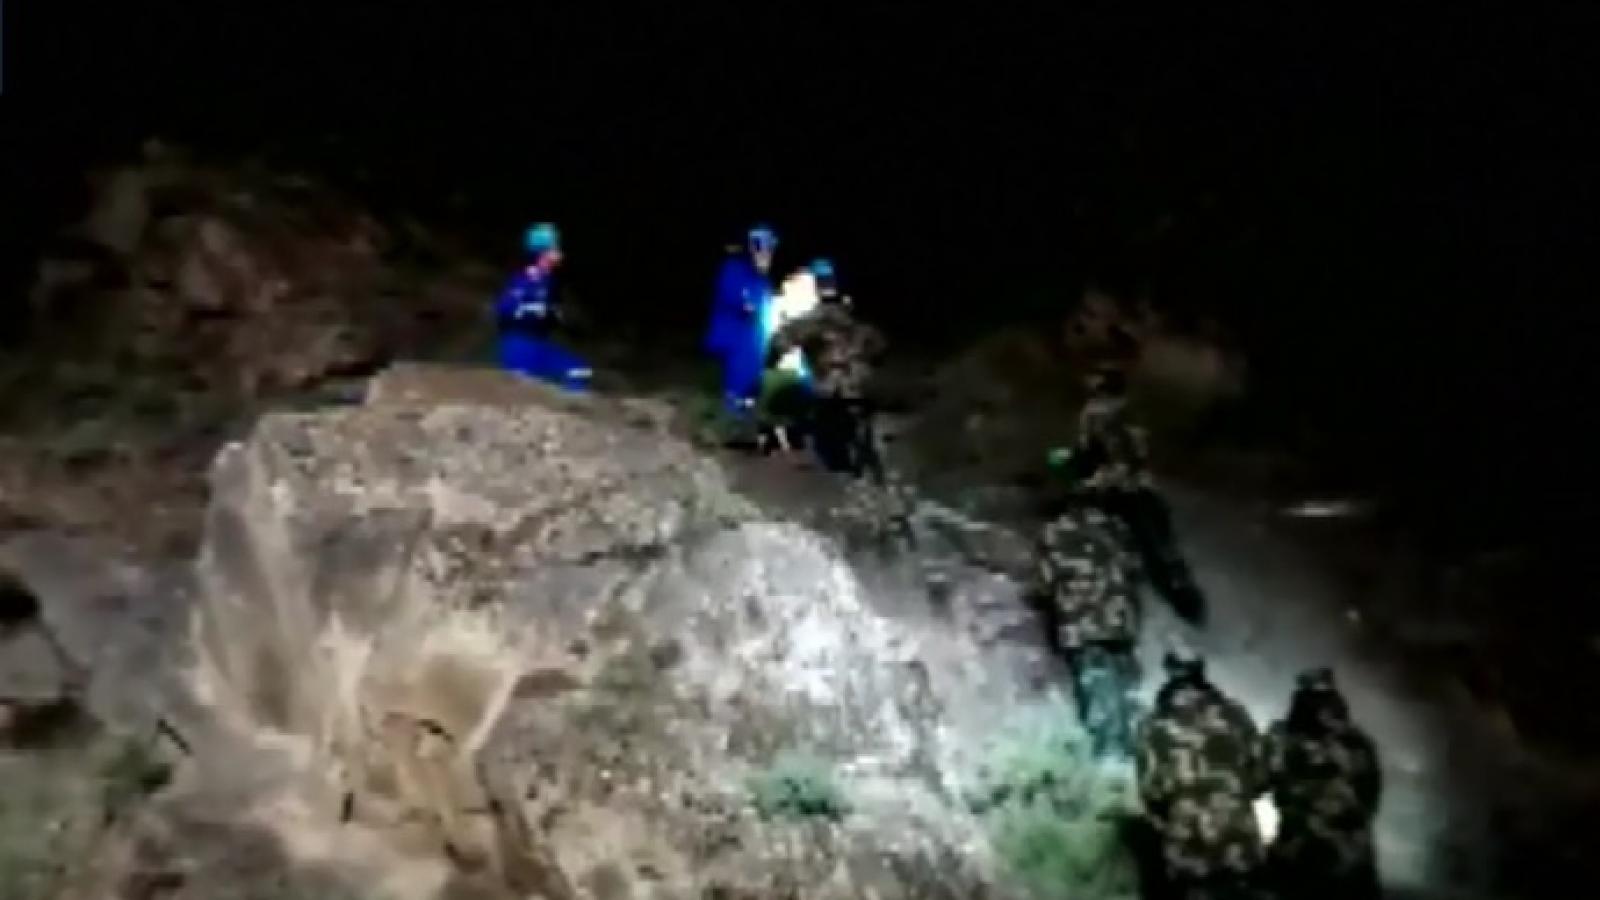 Trắng đêm tìm kiếm nạn nhân vụ chạy việt dã khiến 21 người chết ở Trung Quốc